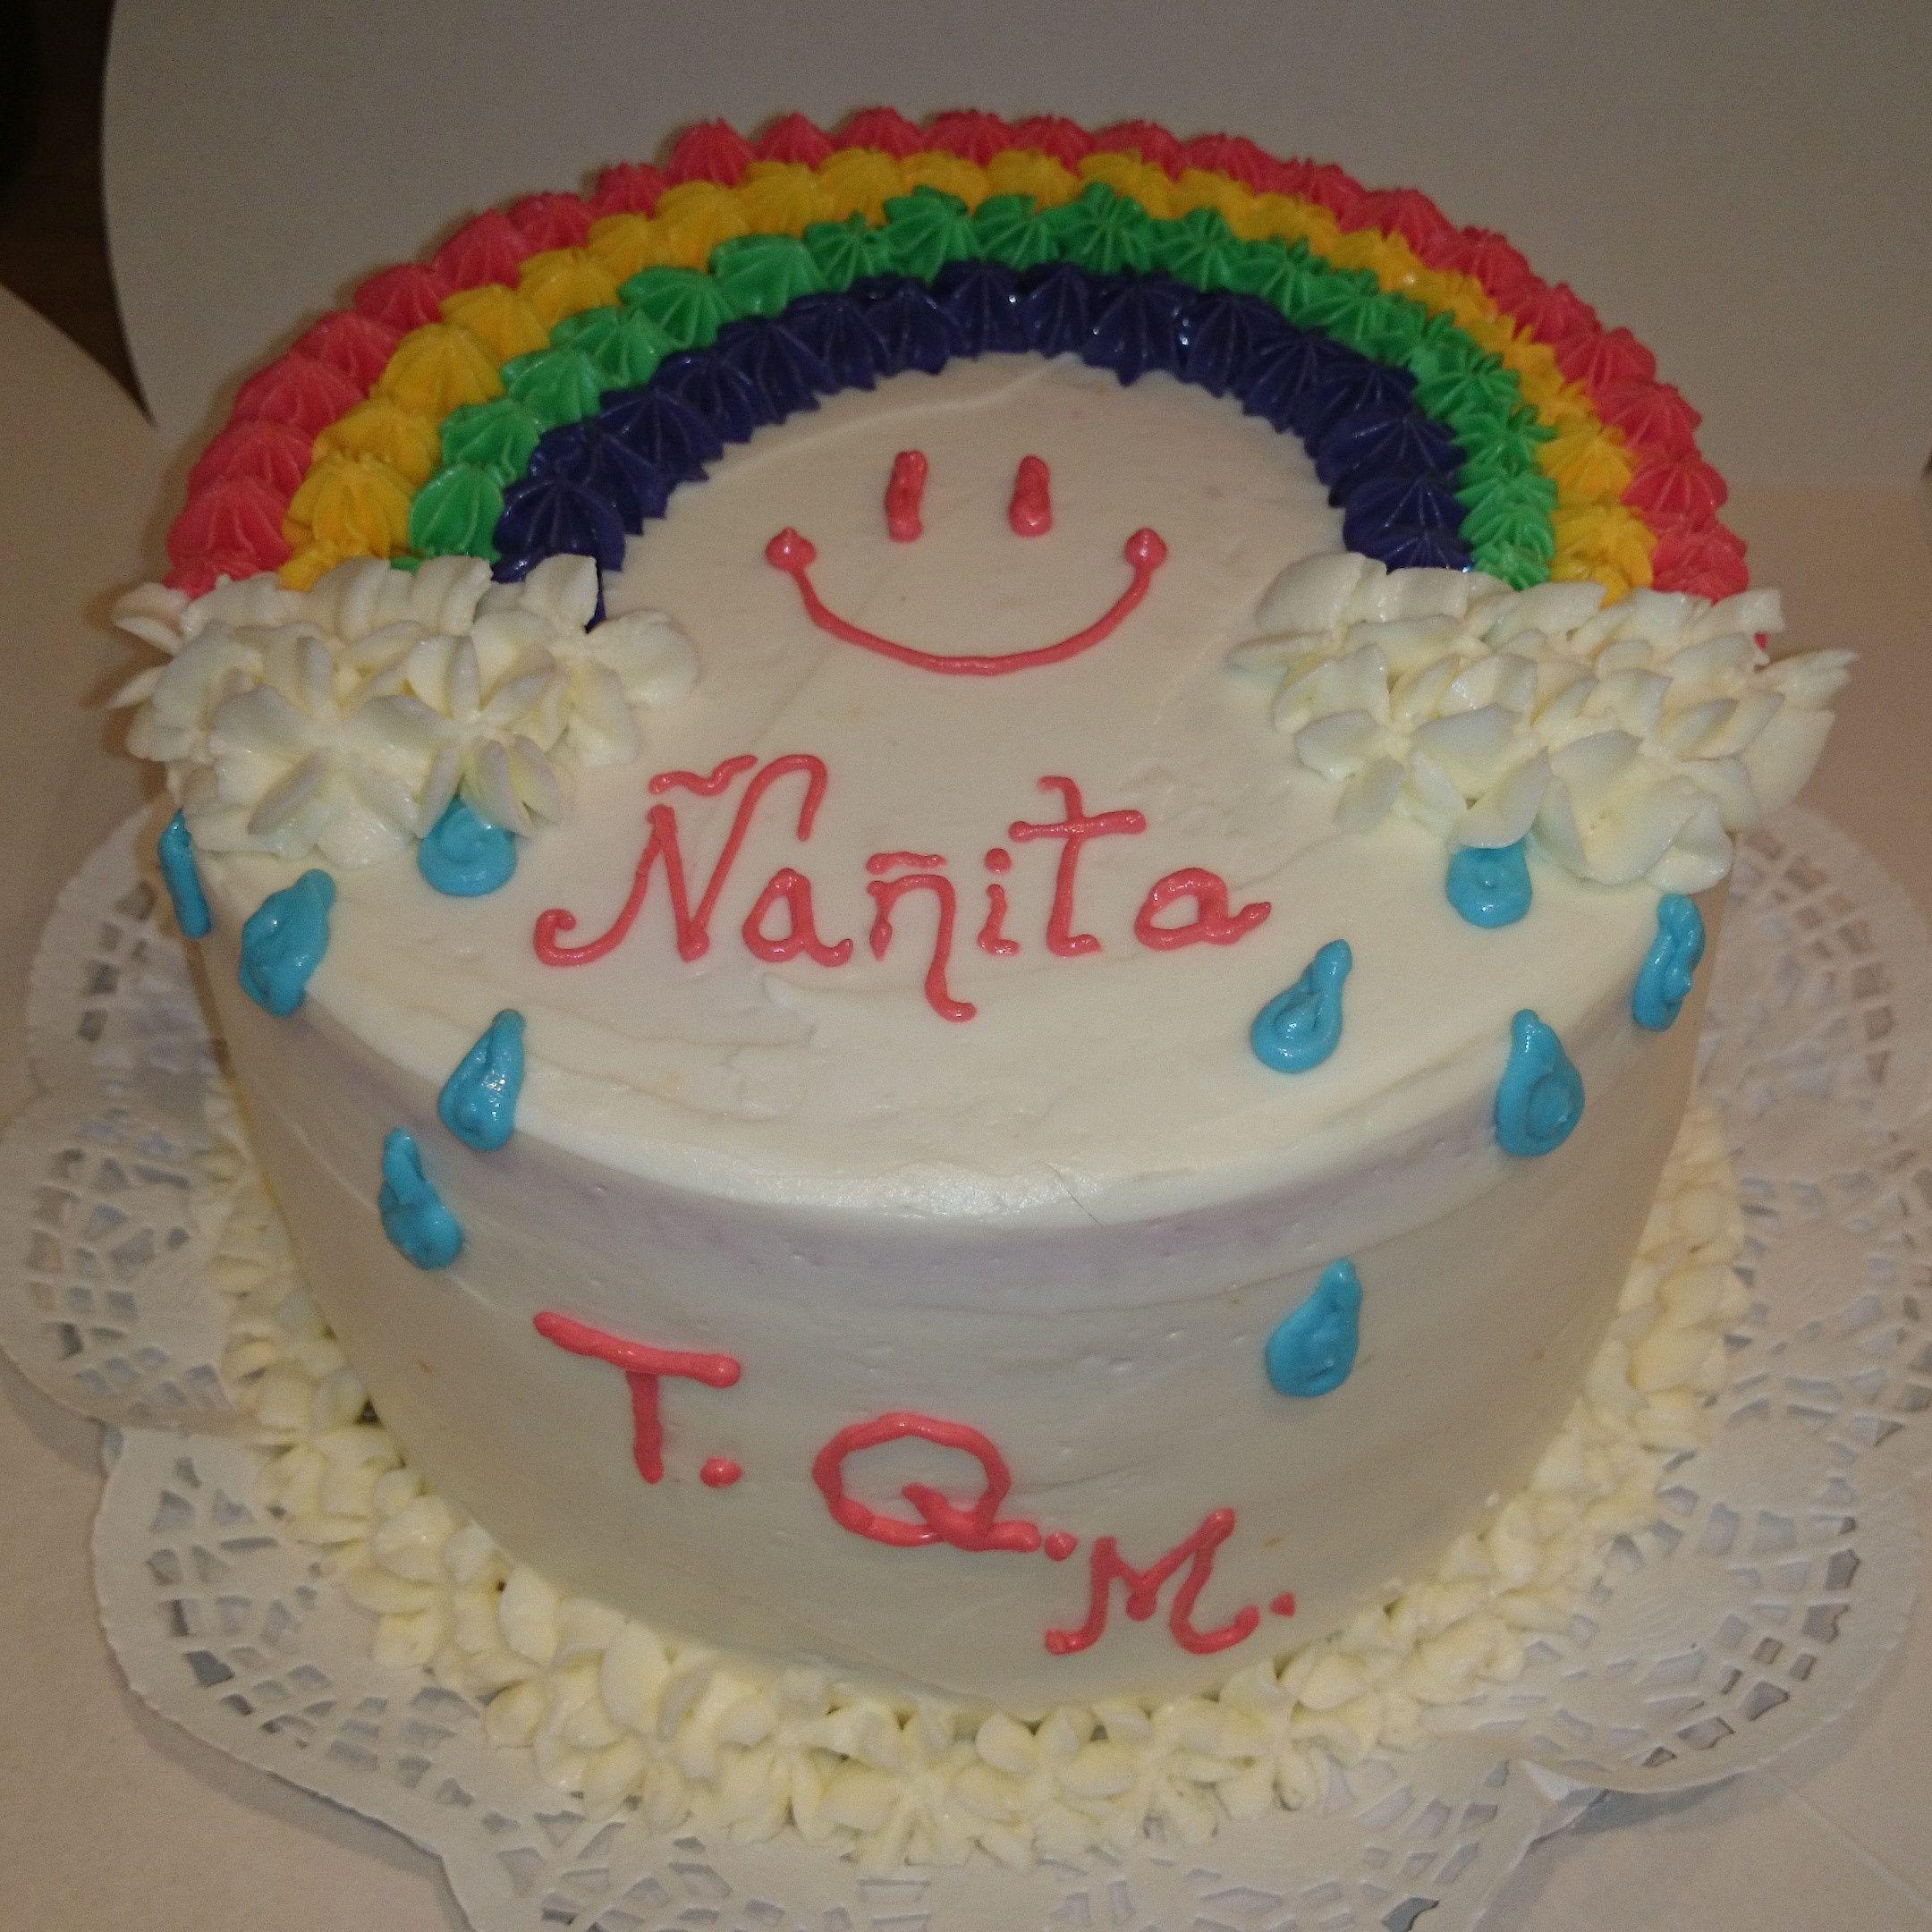 Pastel Arcoiris Con Bizcocho De Nata Y Vainilla Relleno Y Decorado Con Cheescream De Fresa Desserts Cake Birthday Cake